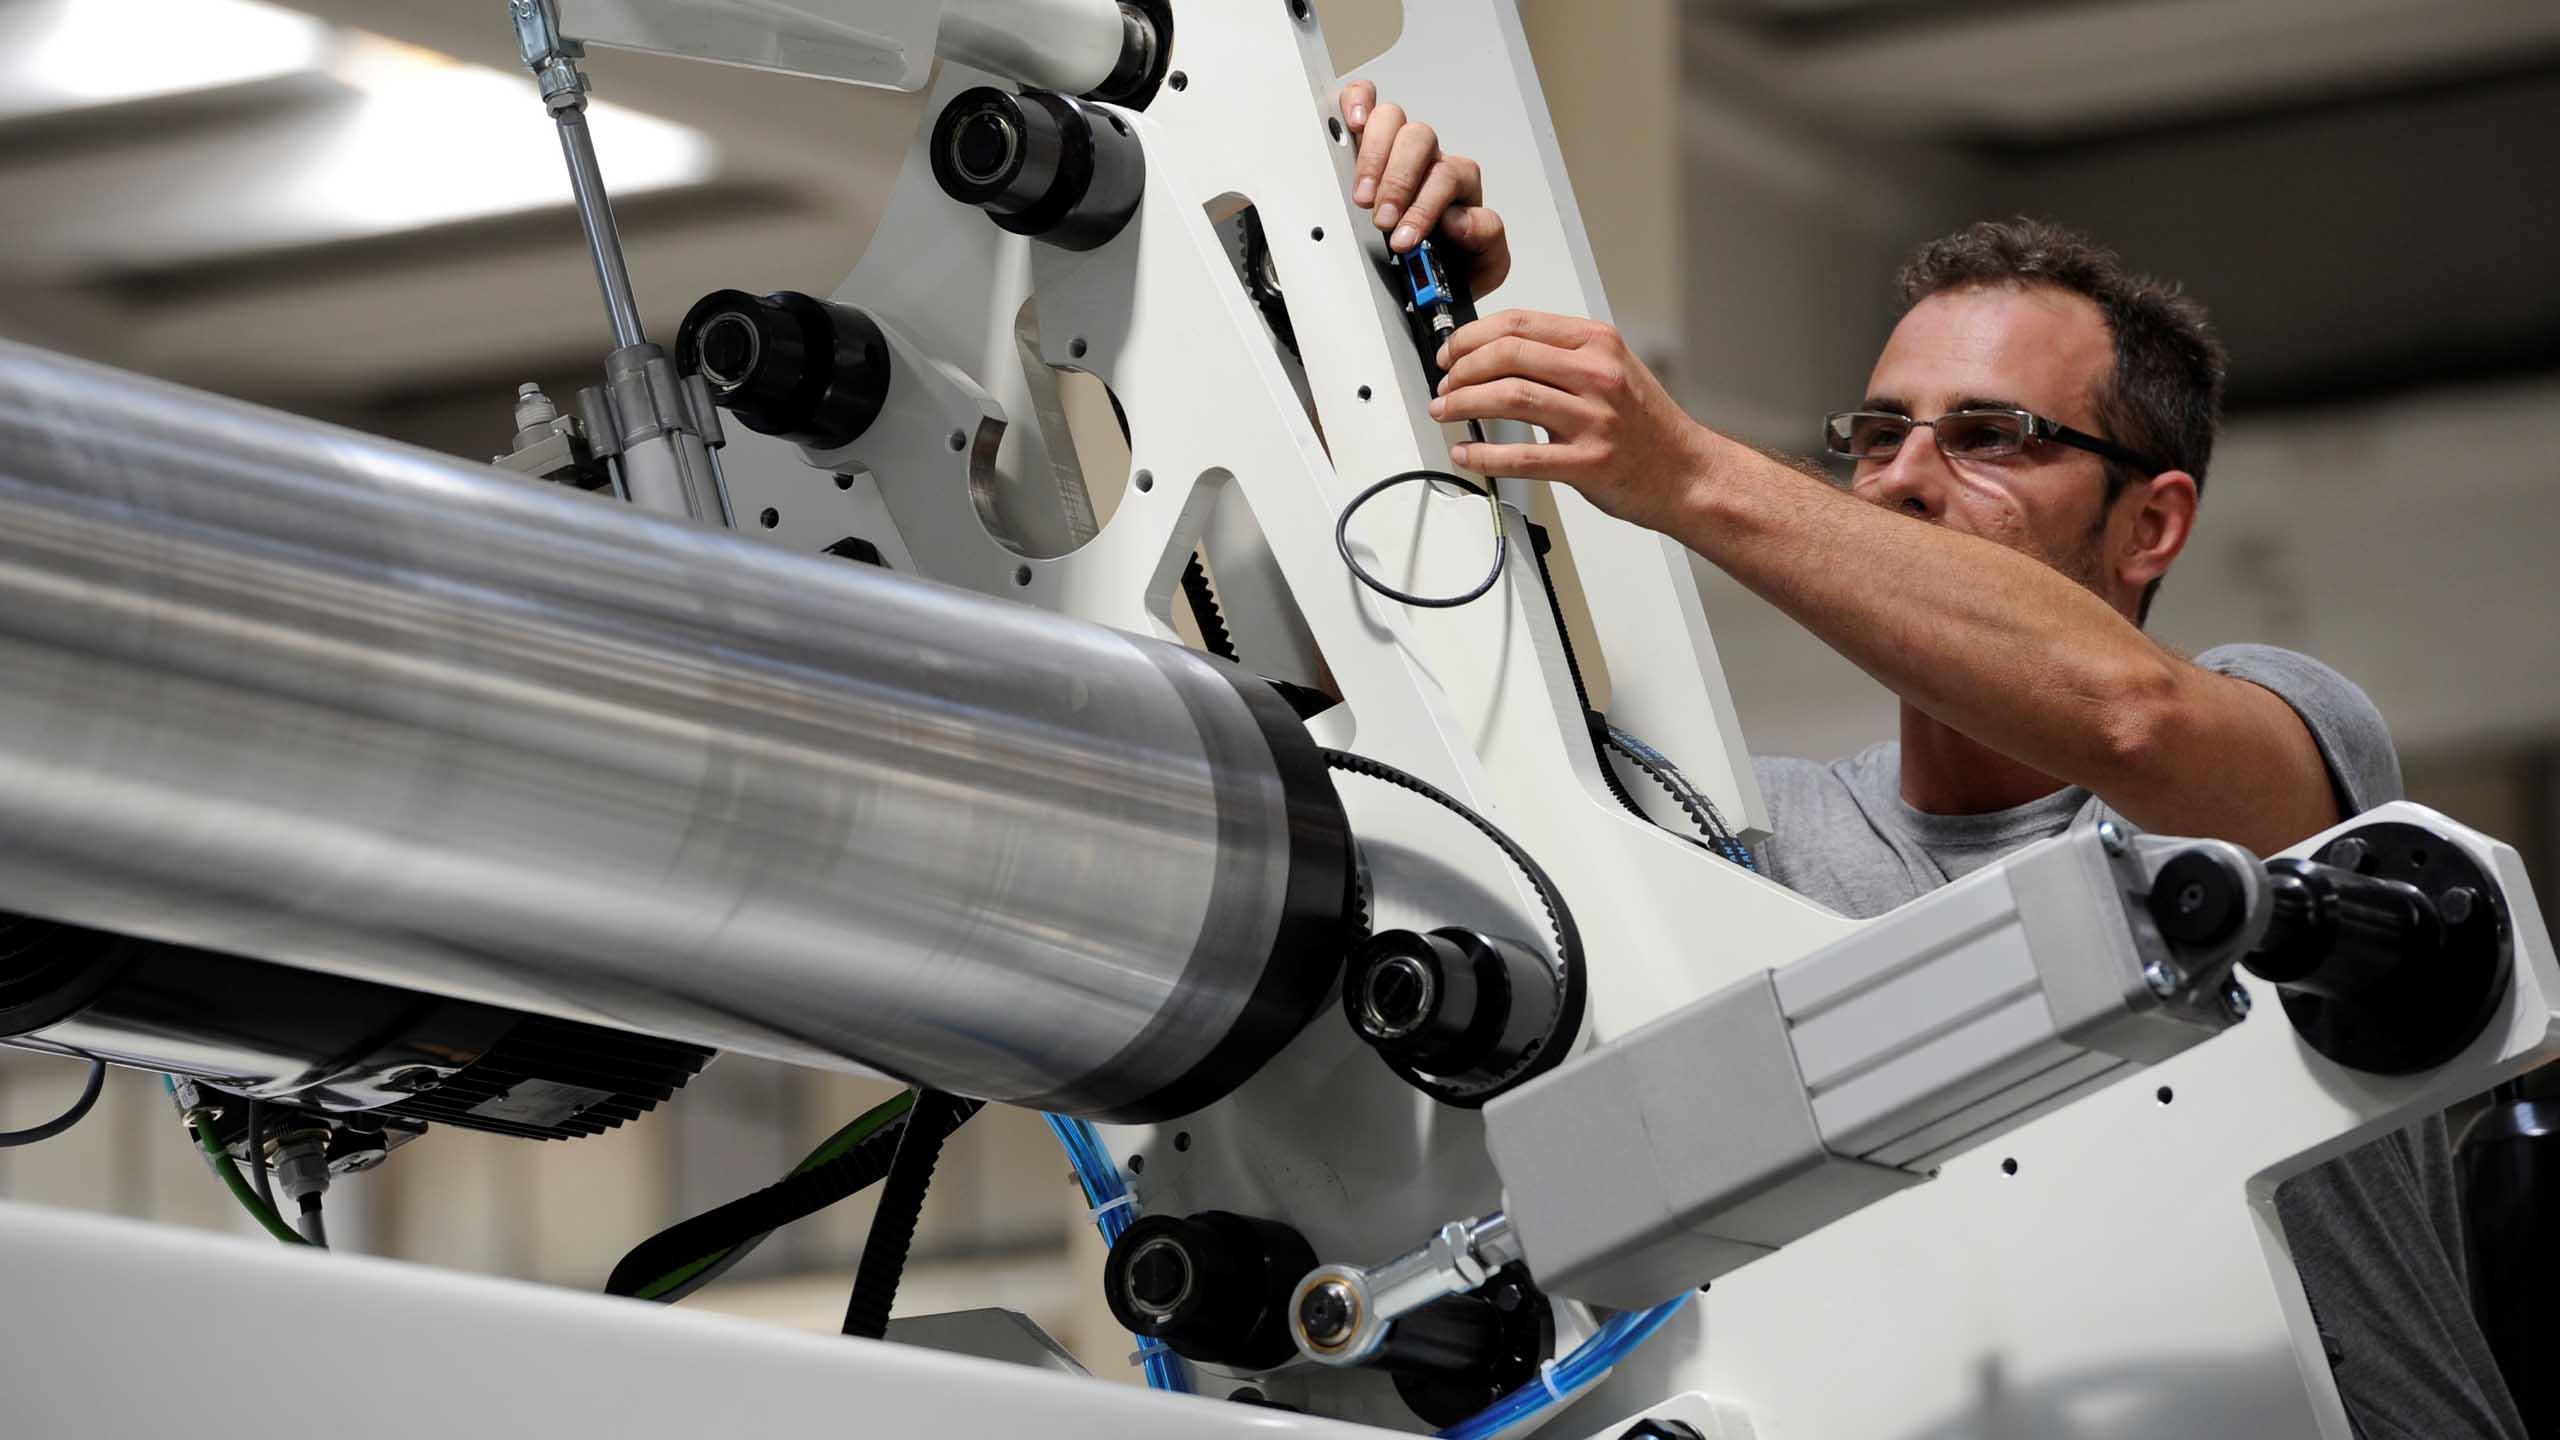 Eseguire il retrofit di un impianto per tissue e tessuto non tessuto nel modo corretto